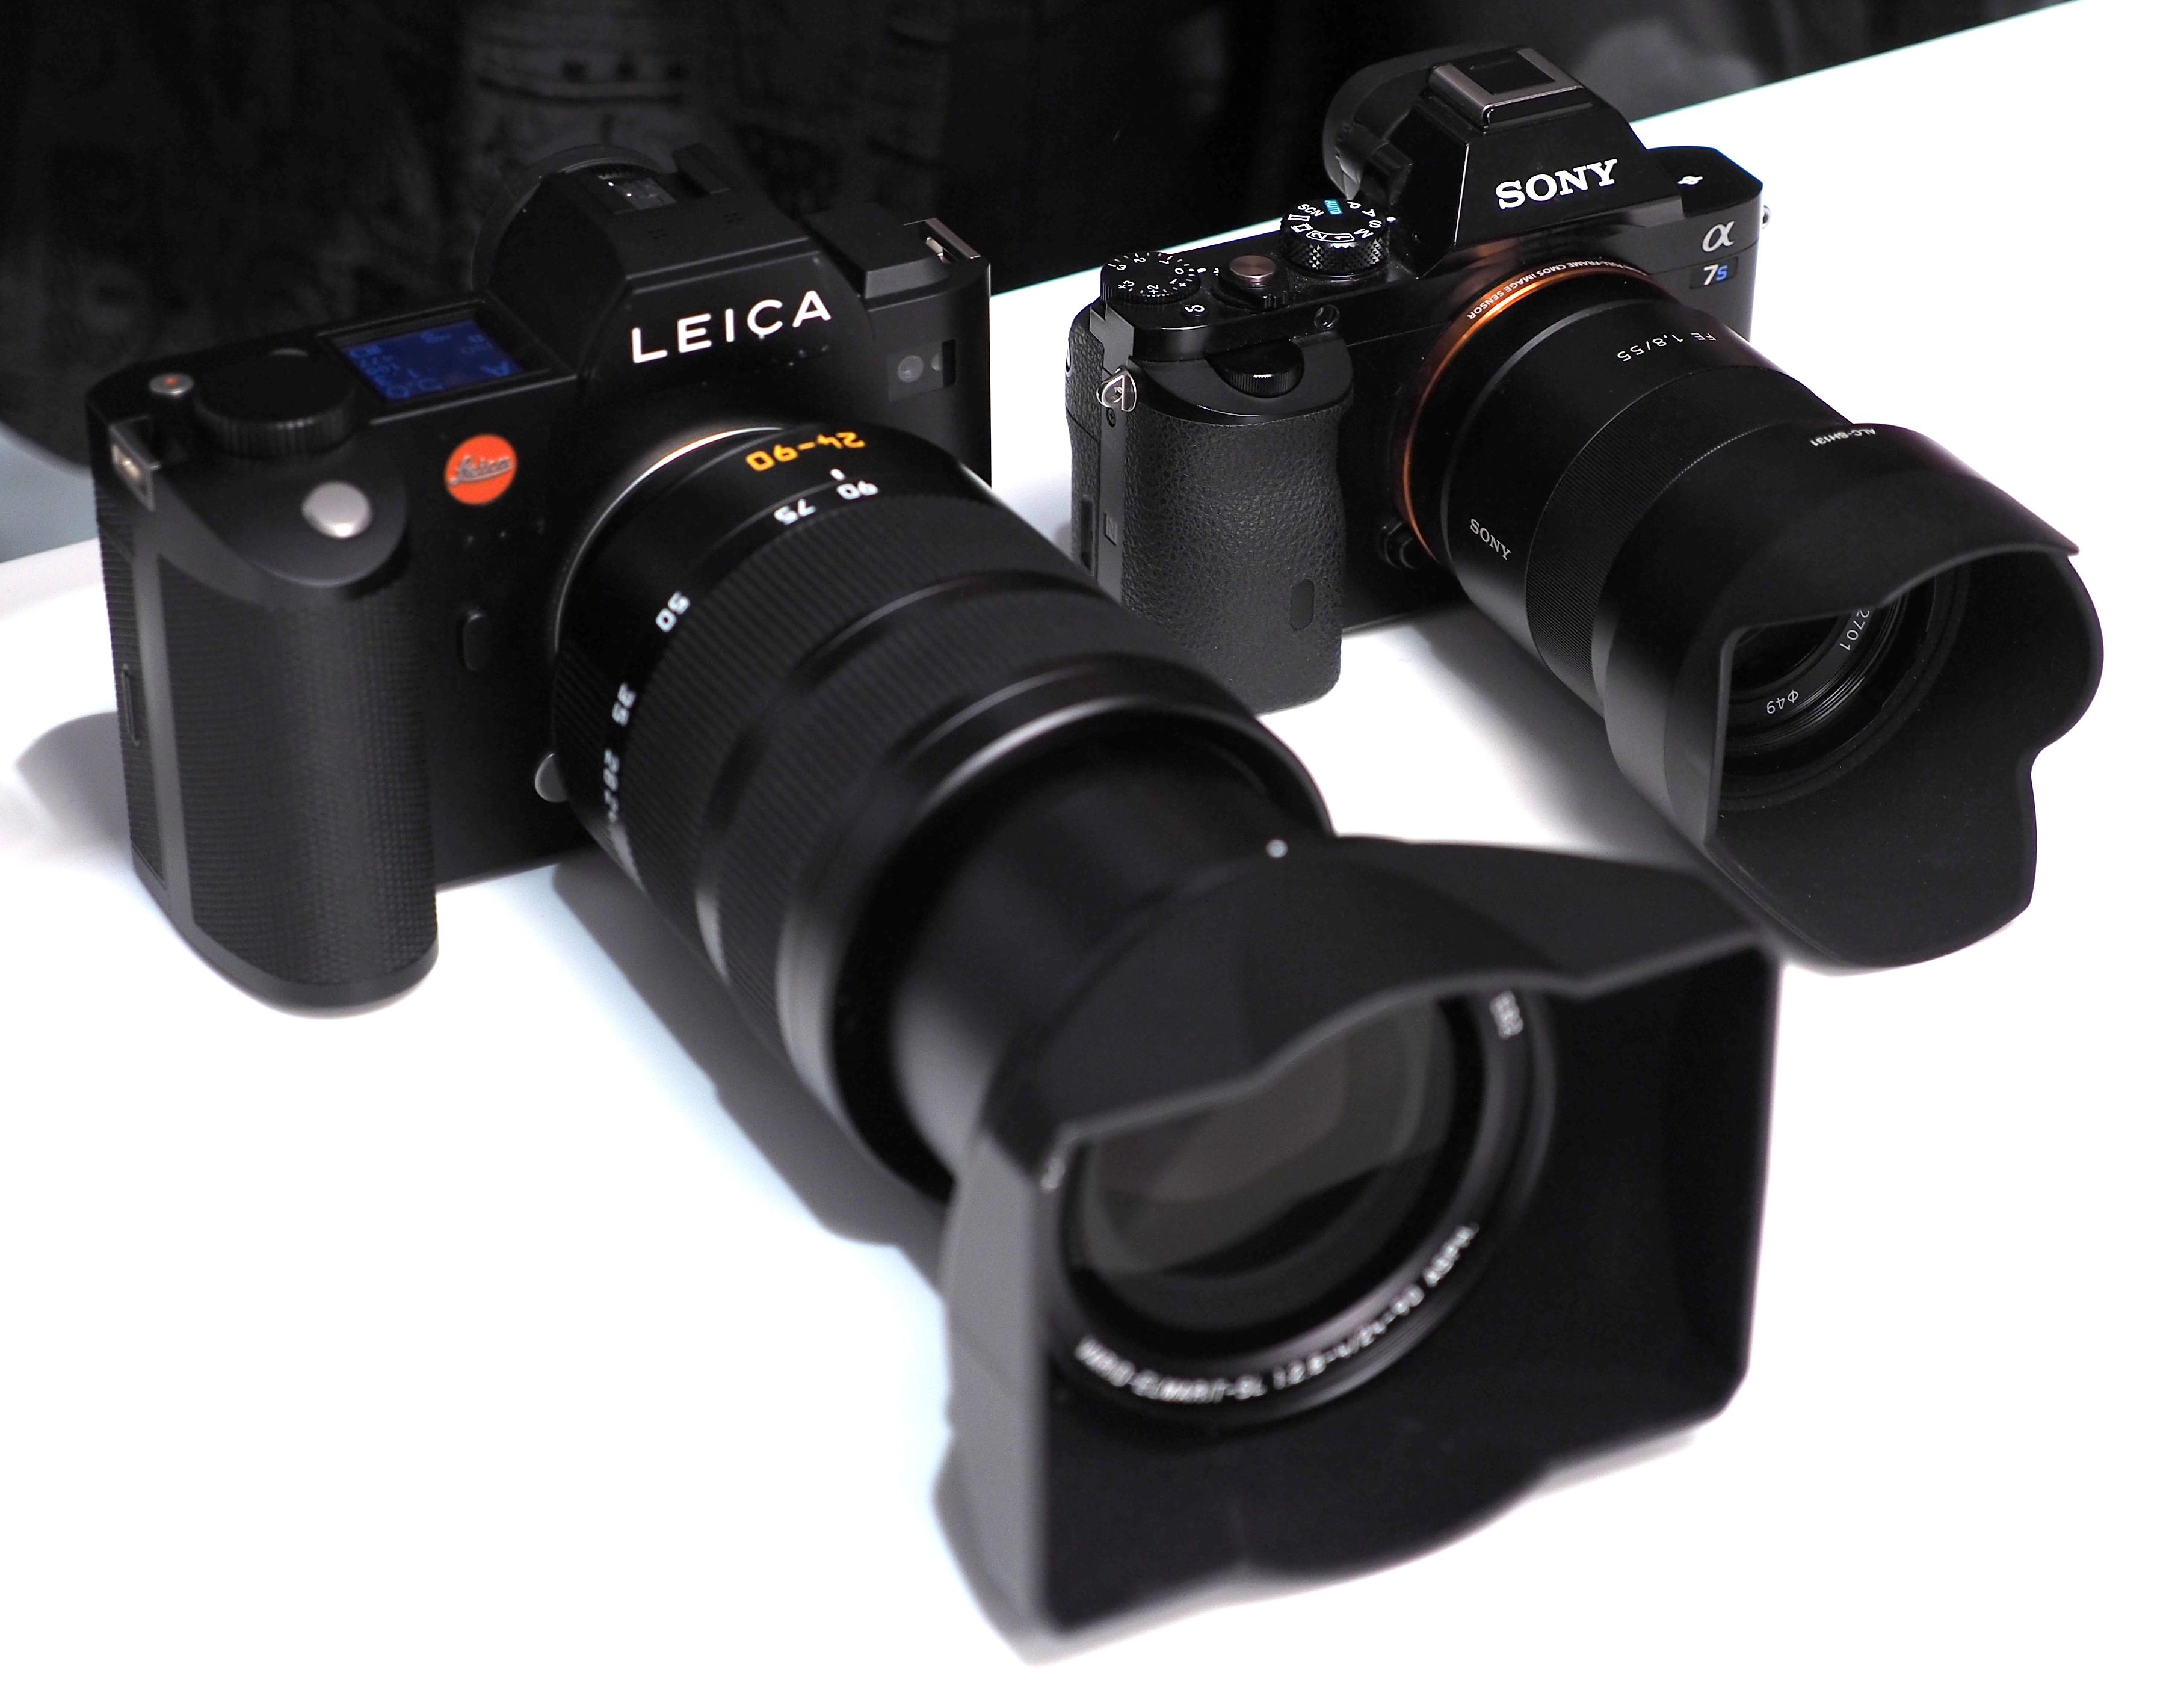 Leica-SL-Review-2 Leica SL Review News and Reviews